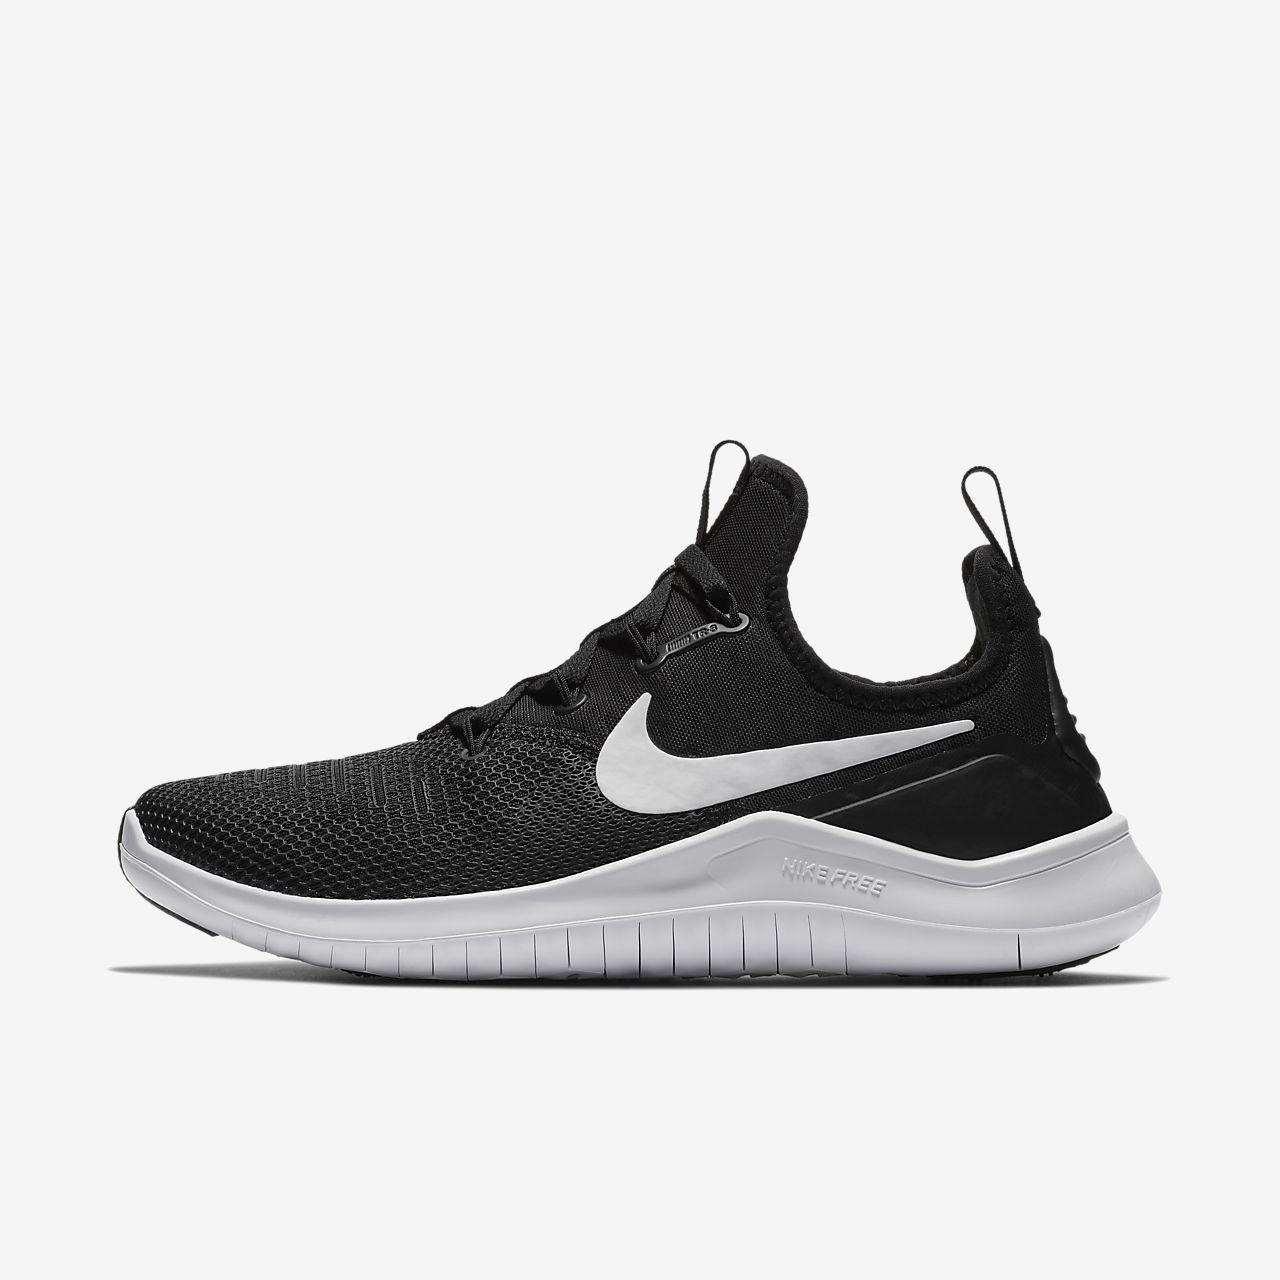 nike women's workout shoes